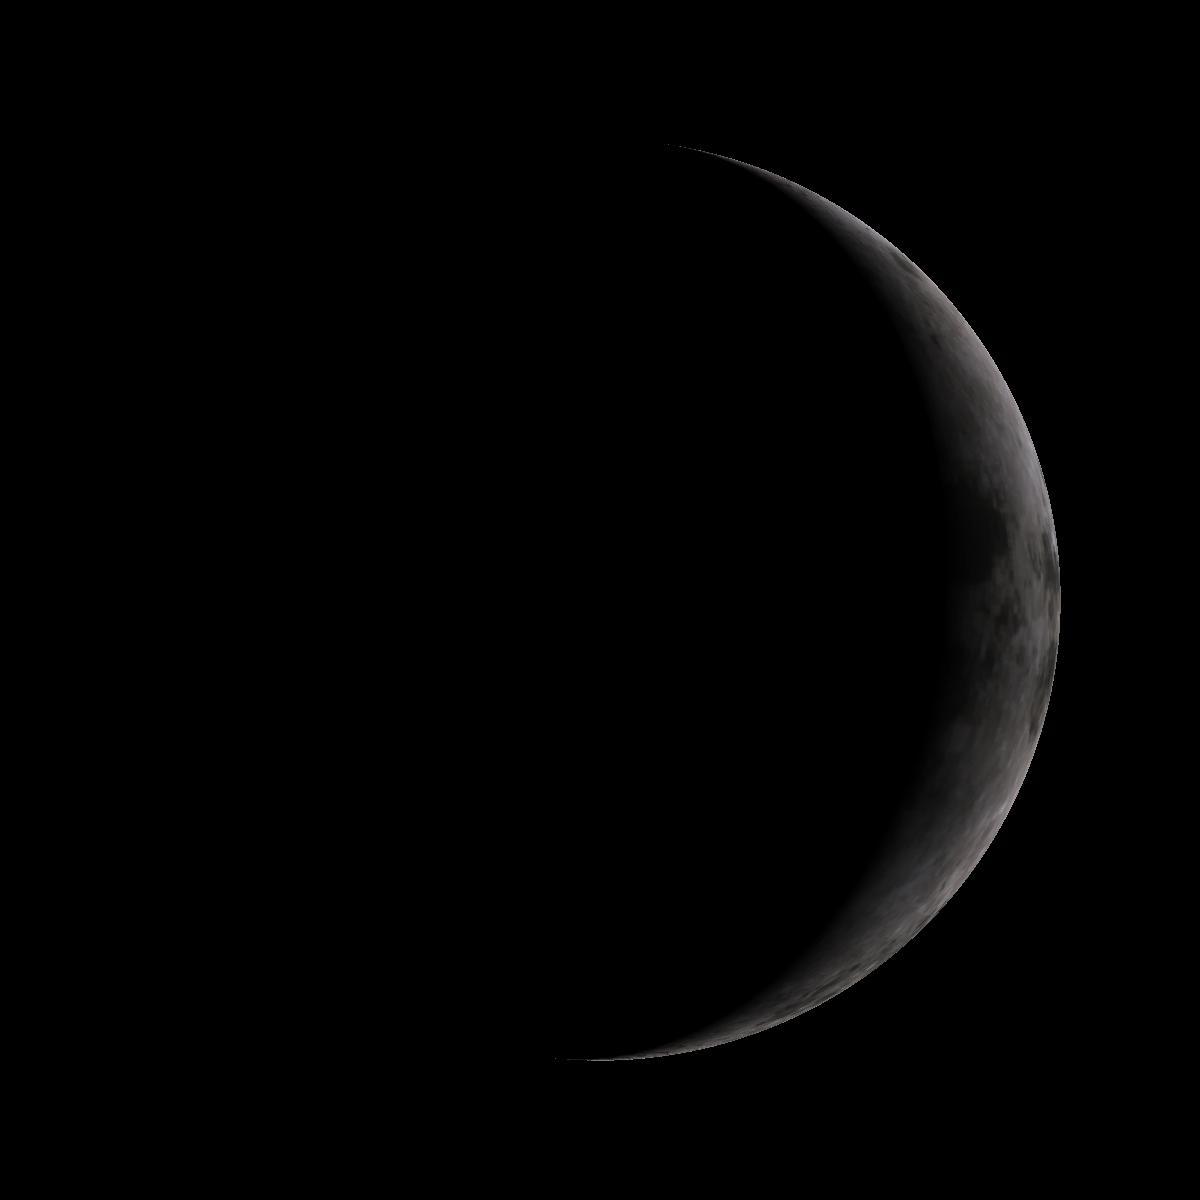 Lune du 30 novembre 2019